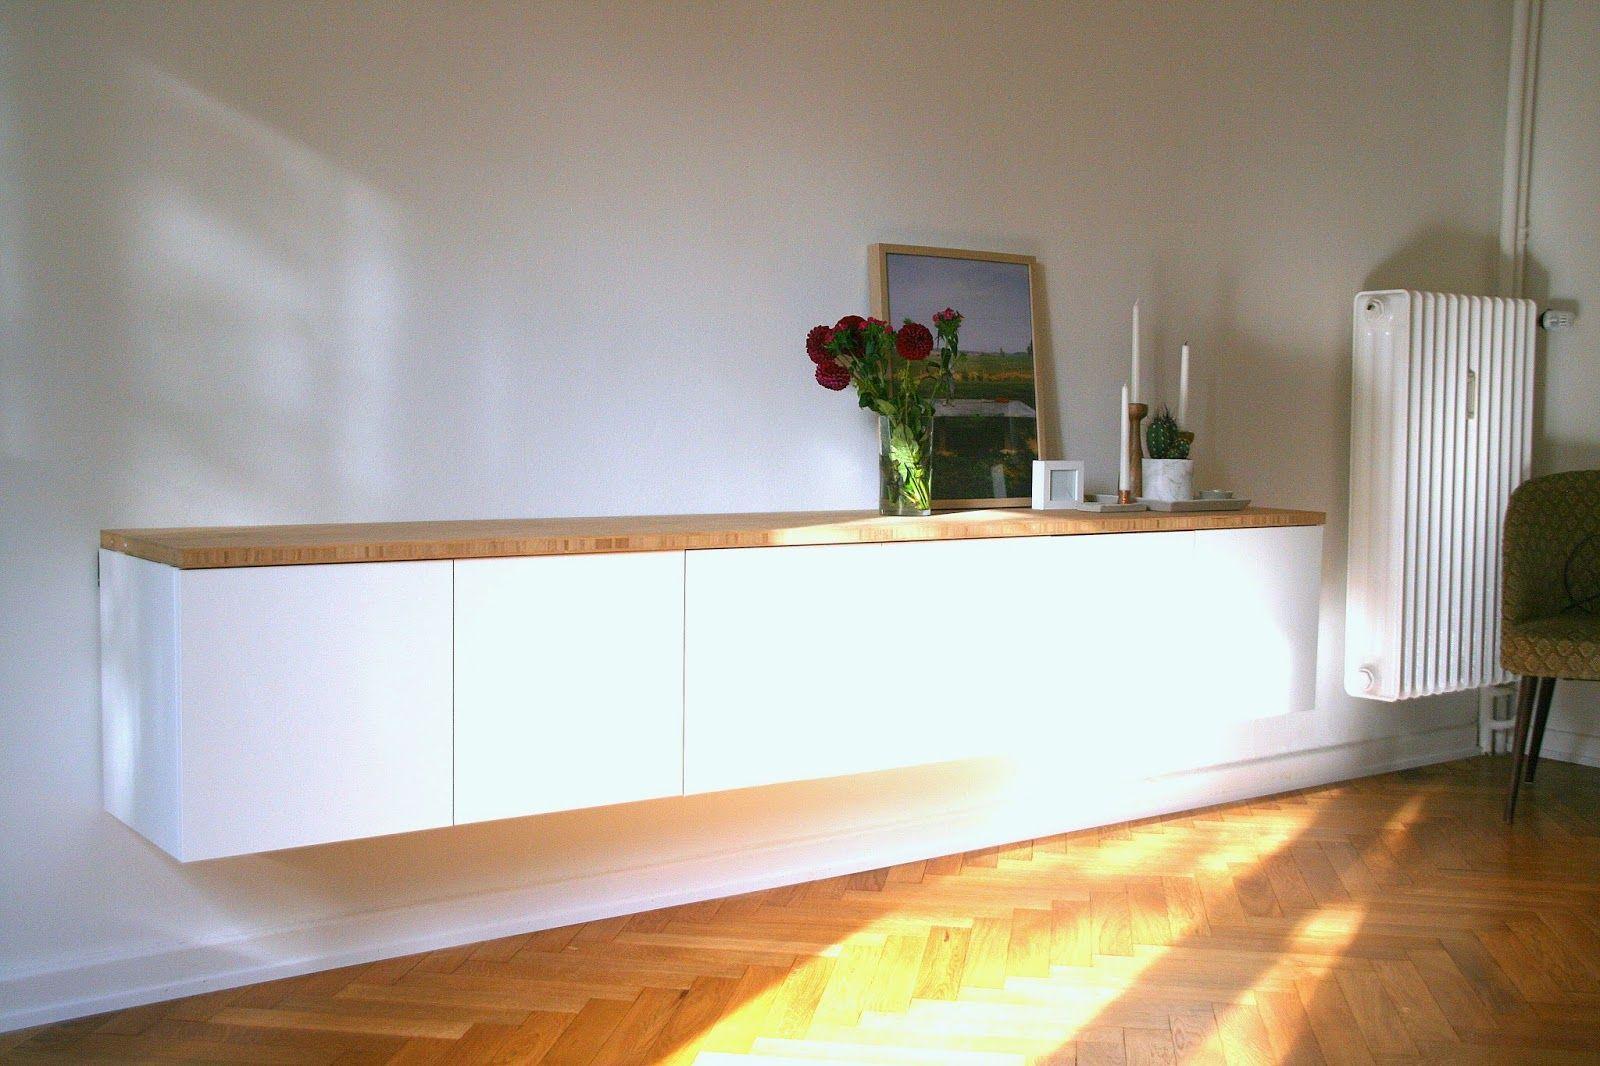 Full Size of Ikea Miniküche Küche Kosten Betten 160x200 Anrichte Bei Modulküche Sofa Mit Schlaffunktion Kaufen Wohnzimmer Anrichte Ikea